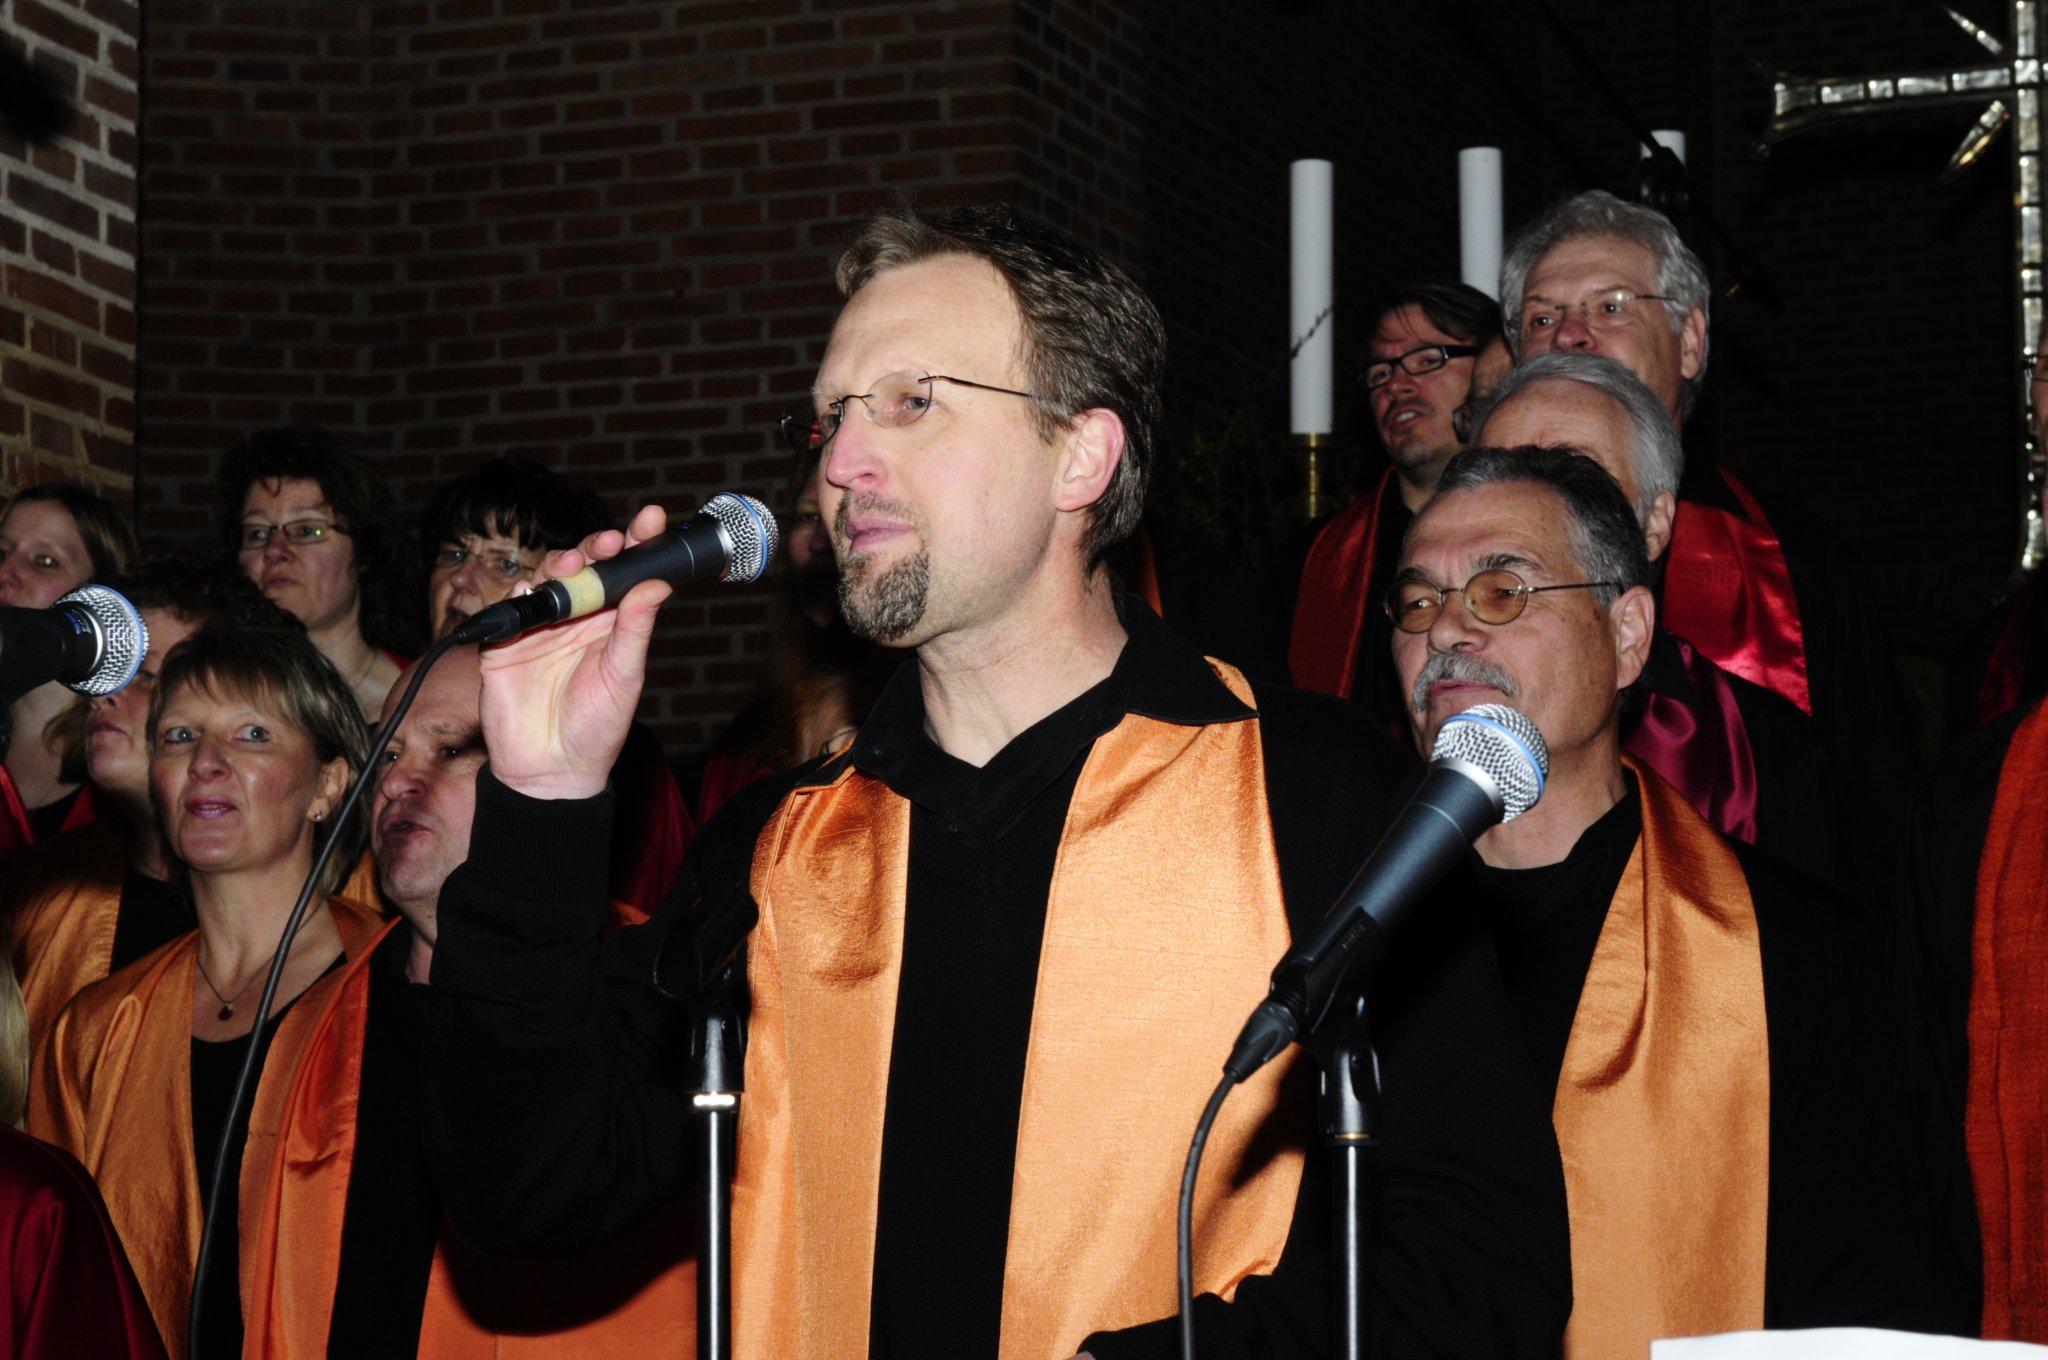 20120422 Reformations Gedaechtniskirche 029